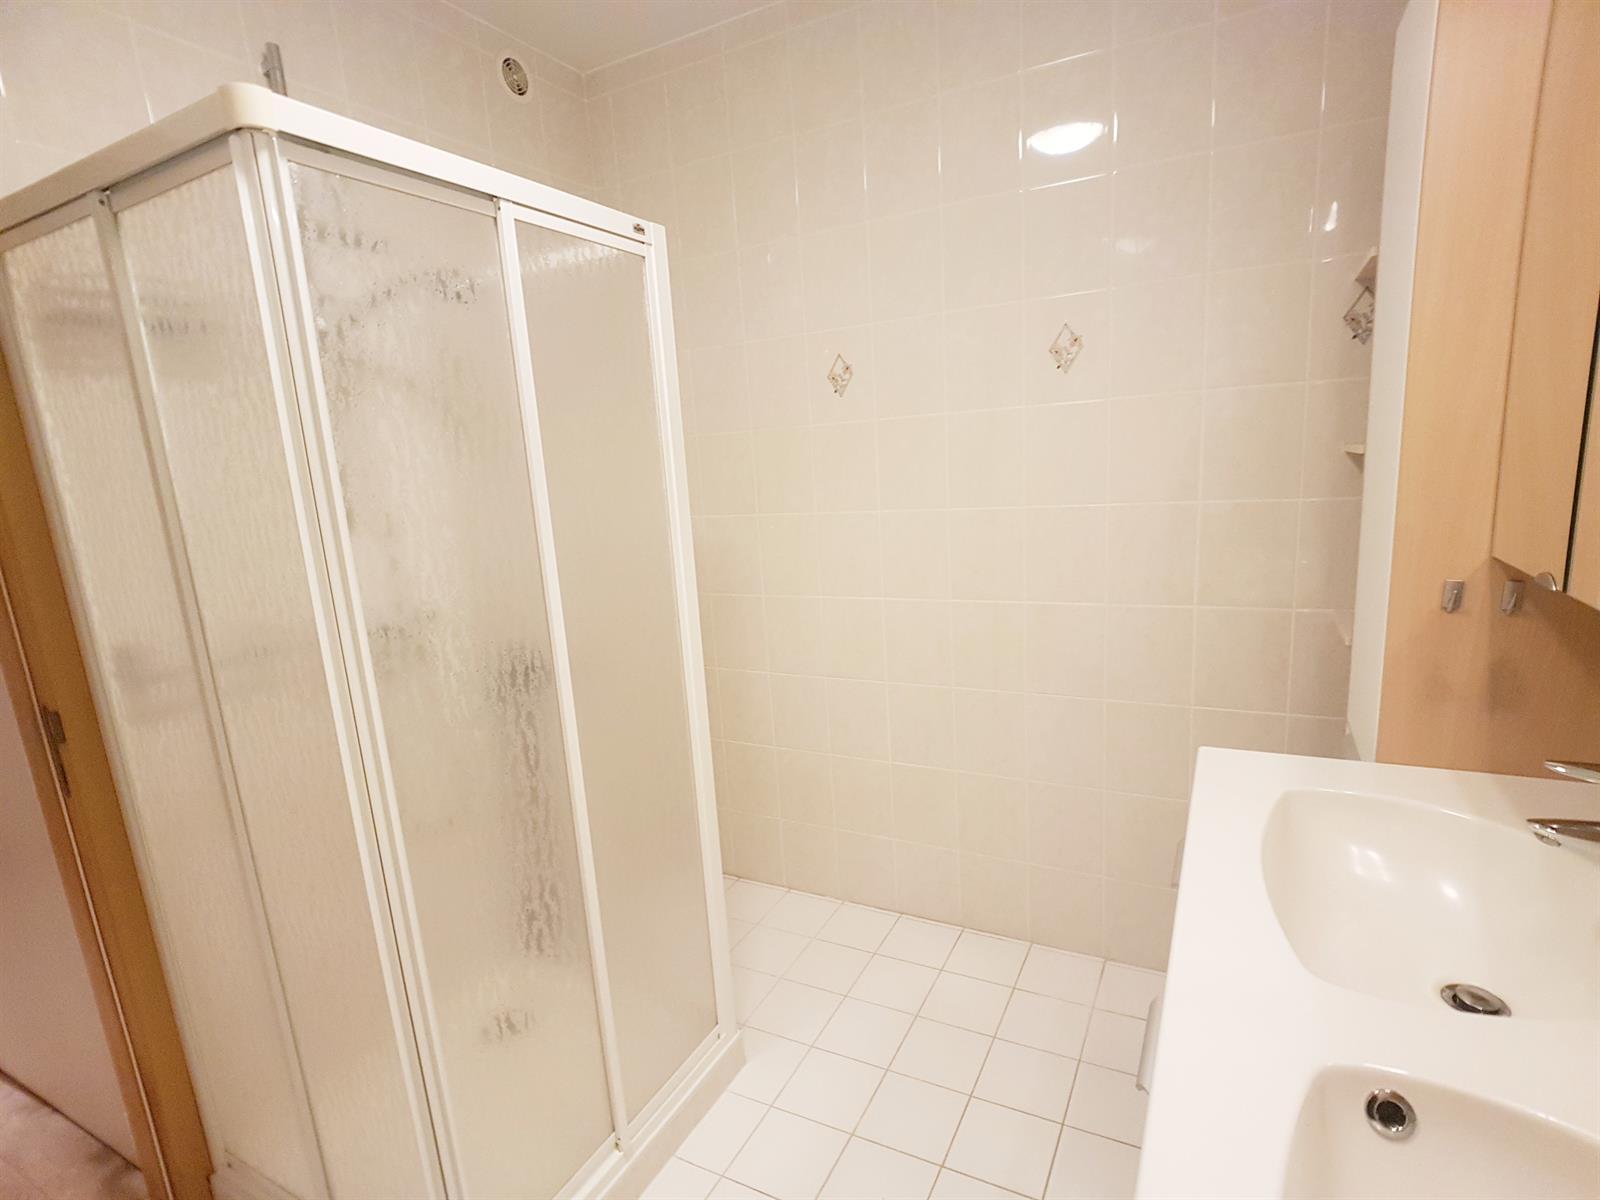 Appartement - Ottignies-Louvain-la-Neuve - #4254648-12